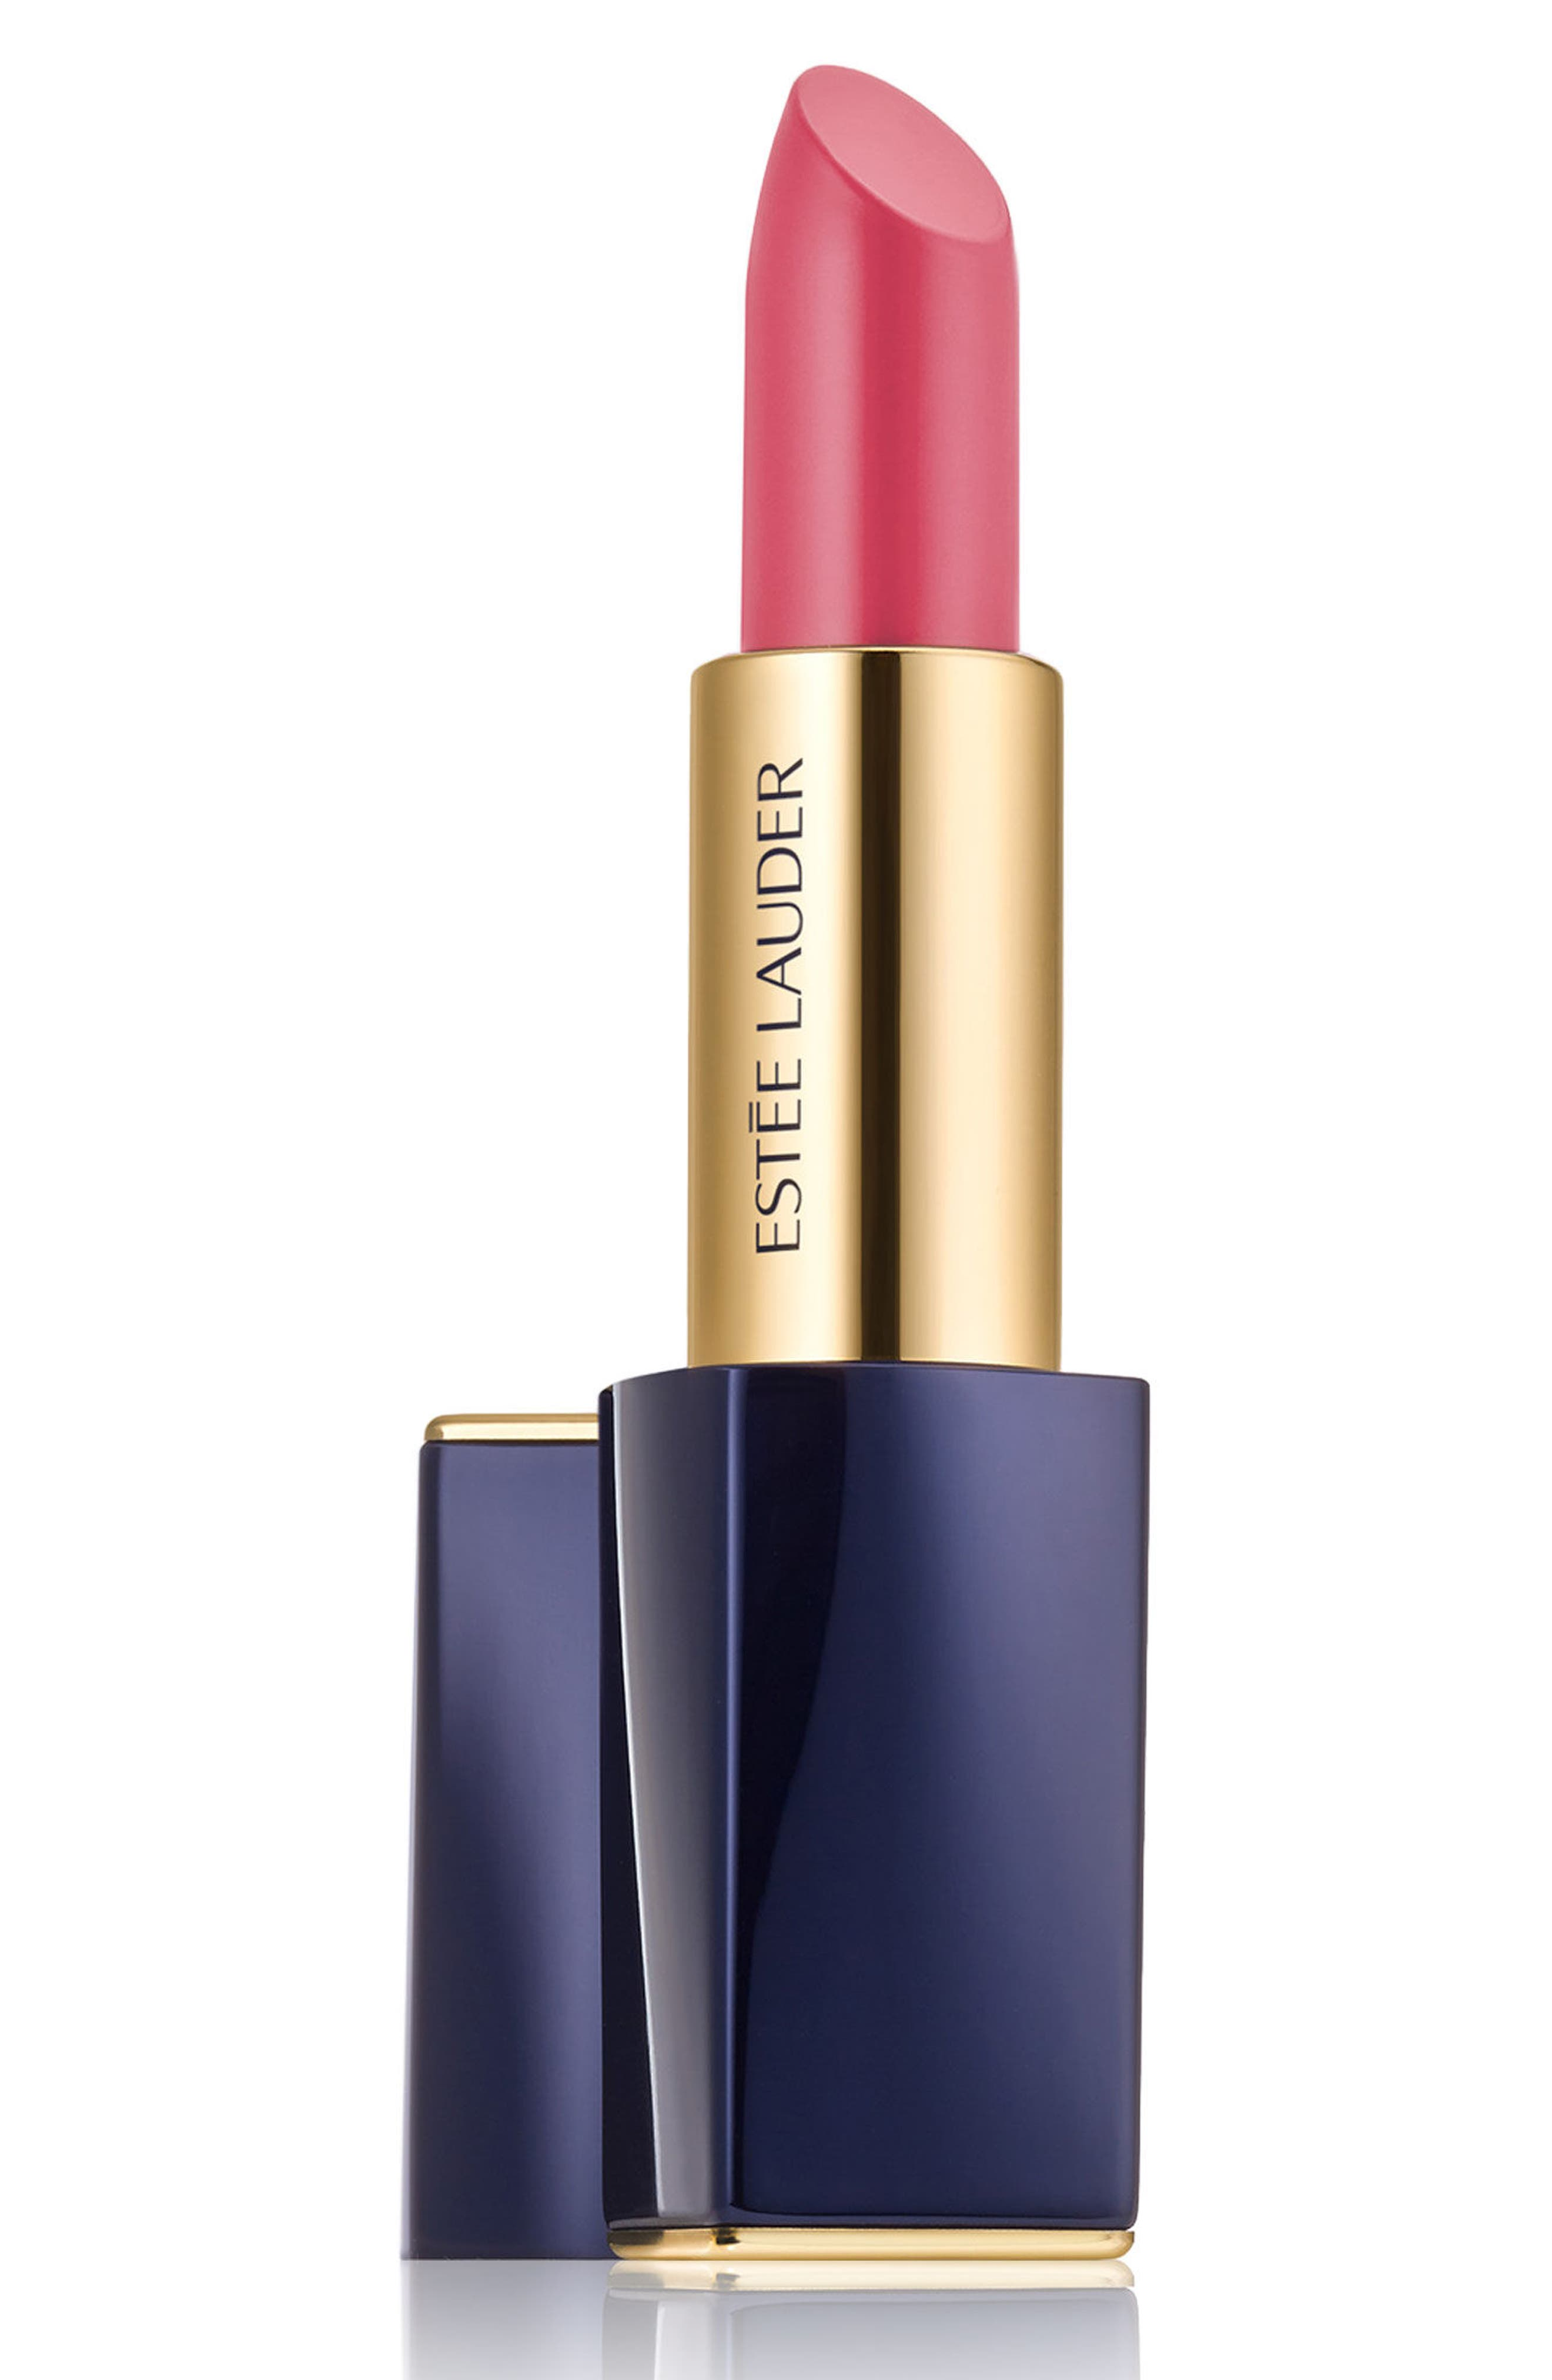 Estée Lauder Pure Color Envy Matte Sculpting Lipstick